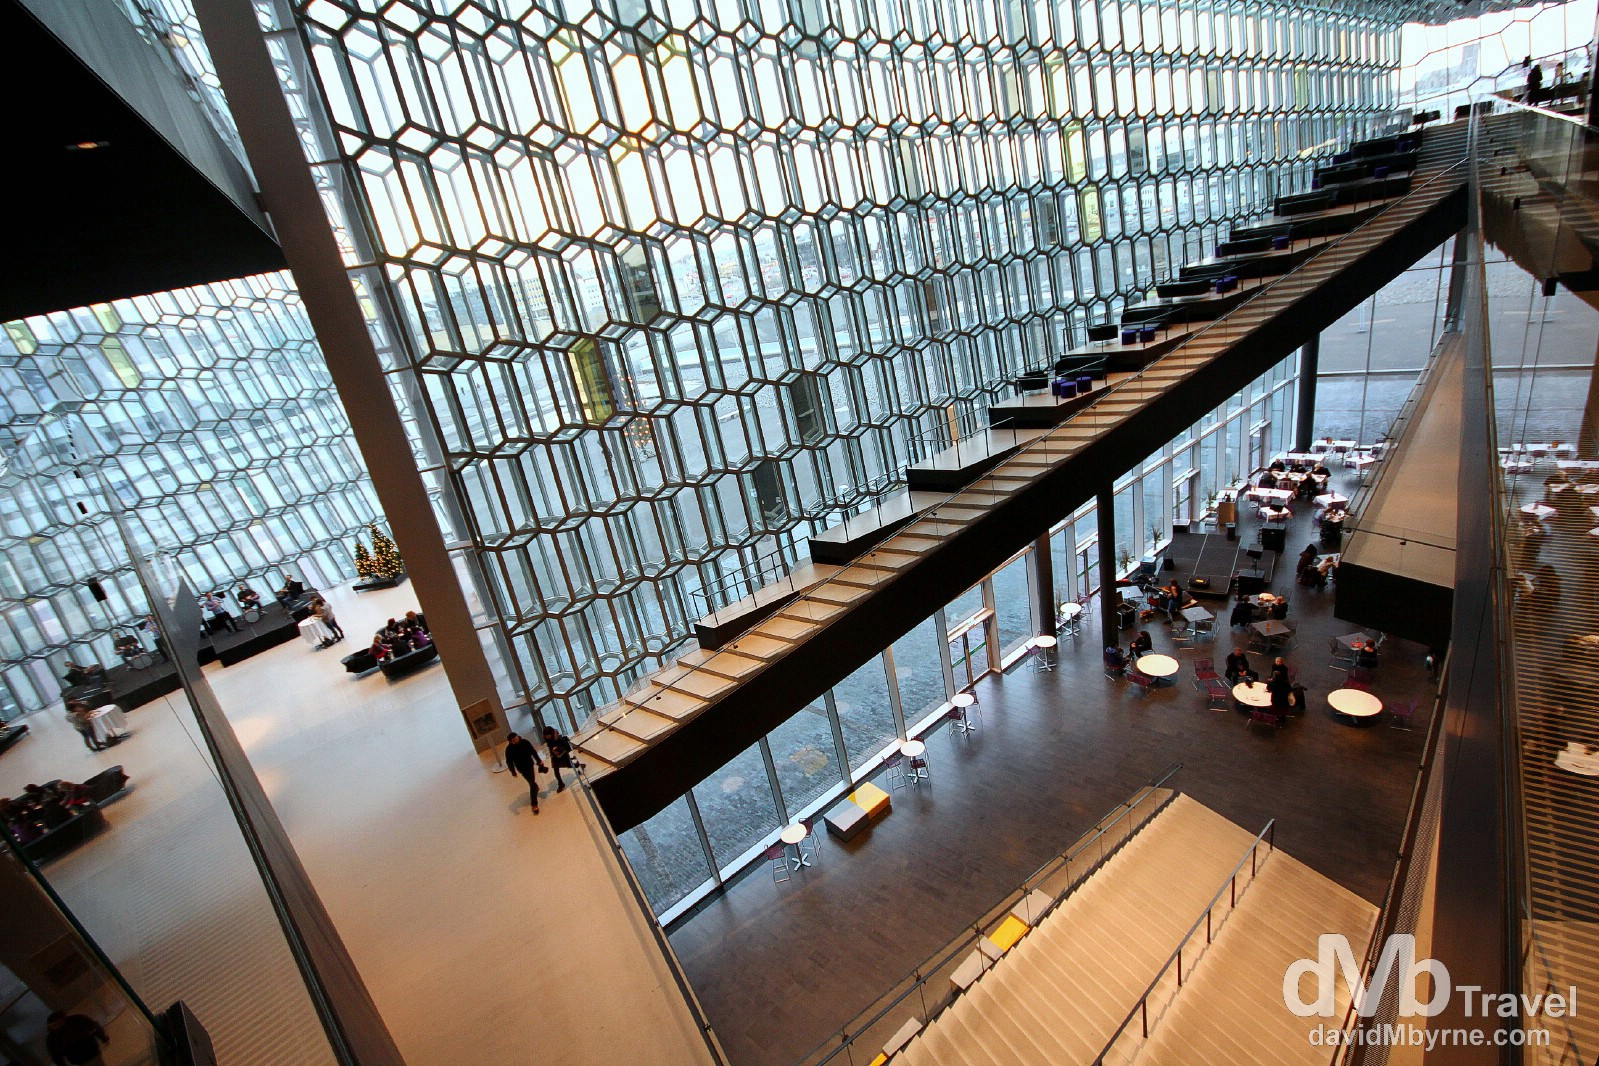 Harpa Concert Hall, Reykjavik, Iceland. December 1st 2012.